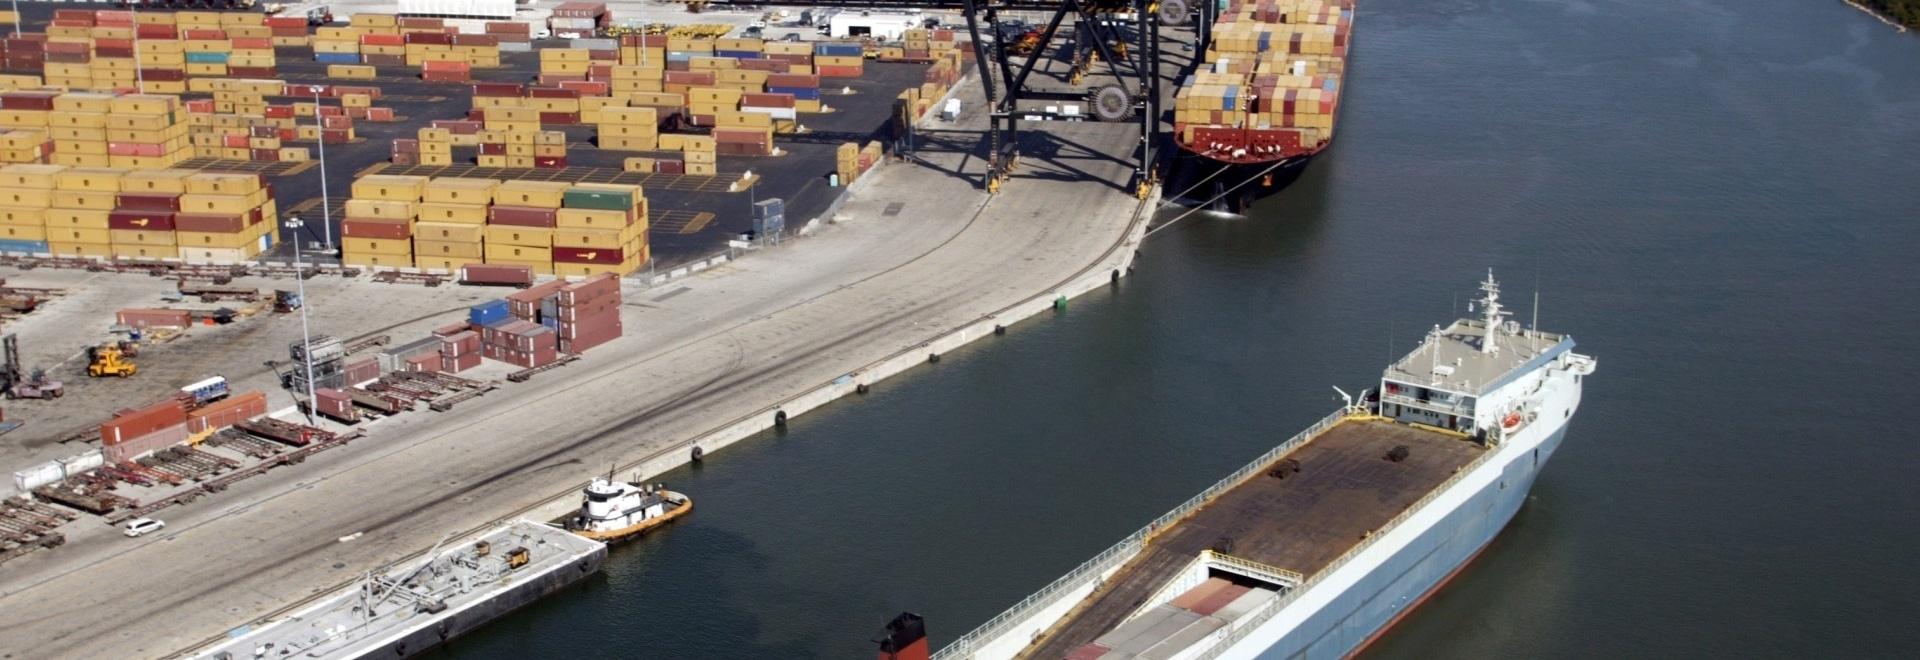 L'approvisionnement et la vente de Tethys ont récemment augmenté son approvisionnement en distillats marins pour mettre en communication des marais